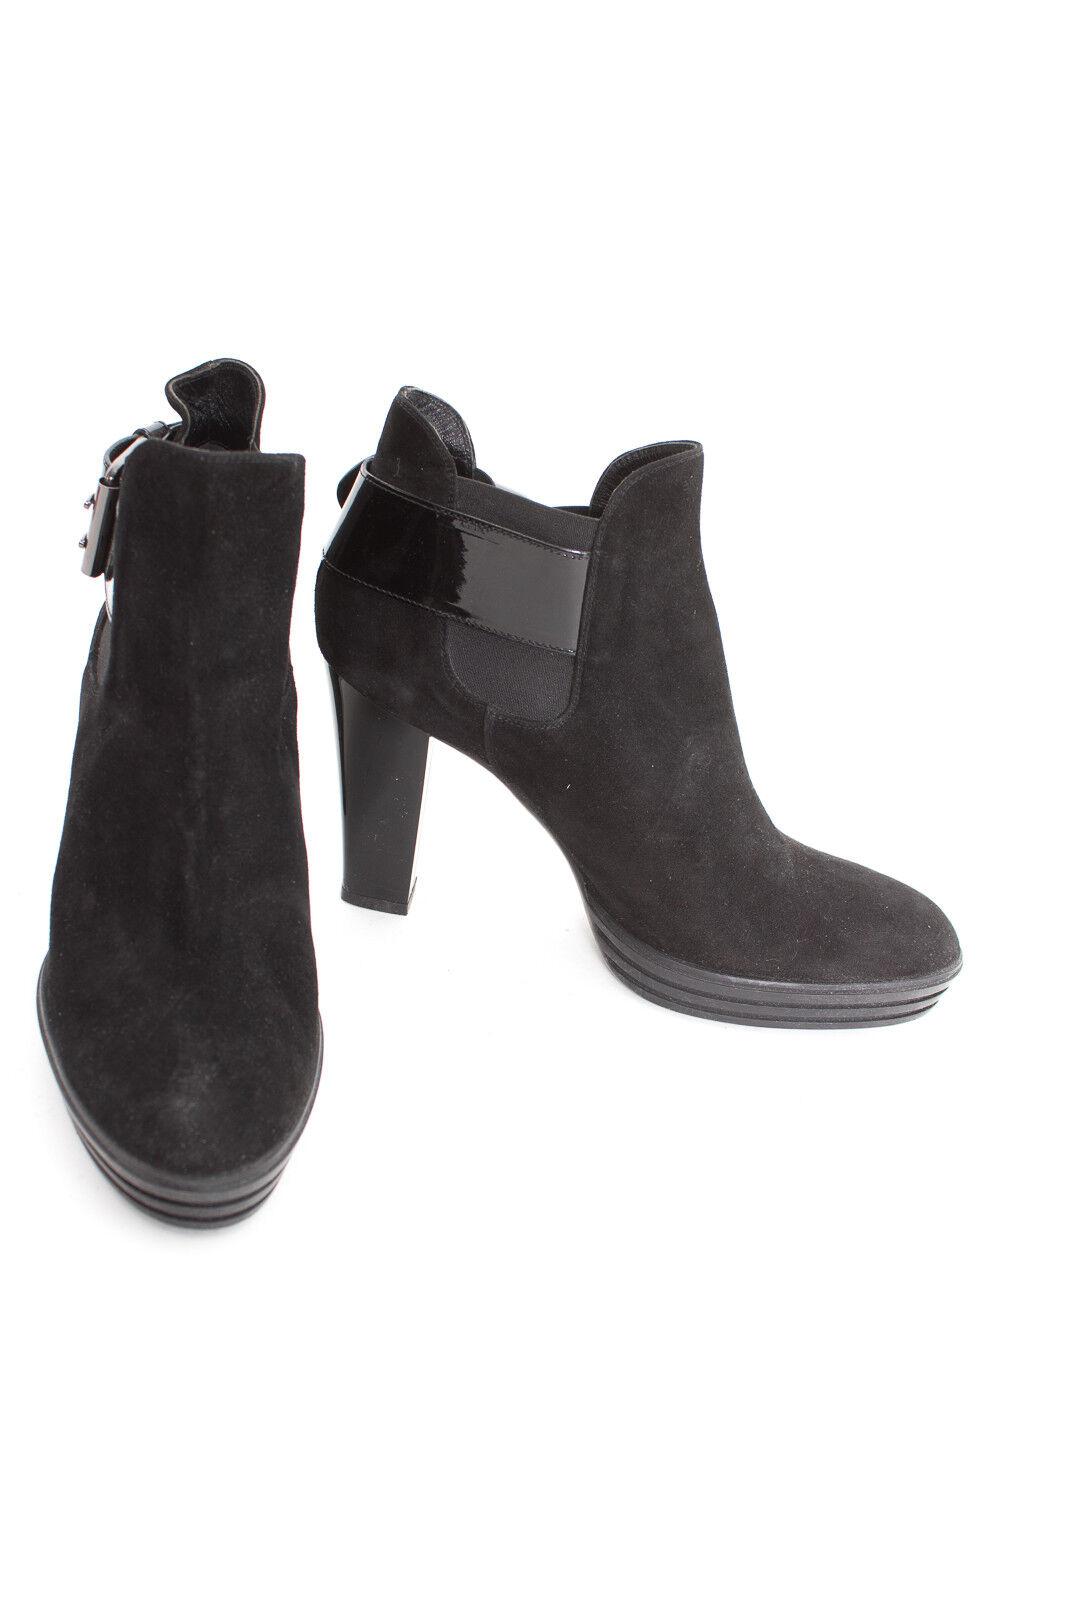 Hogan botines talla de 41 negros señora zapatos cuero